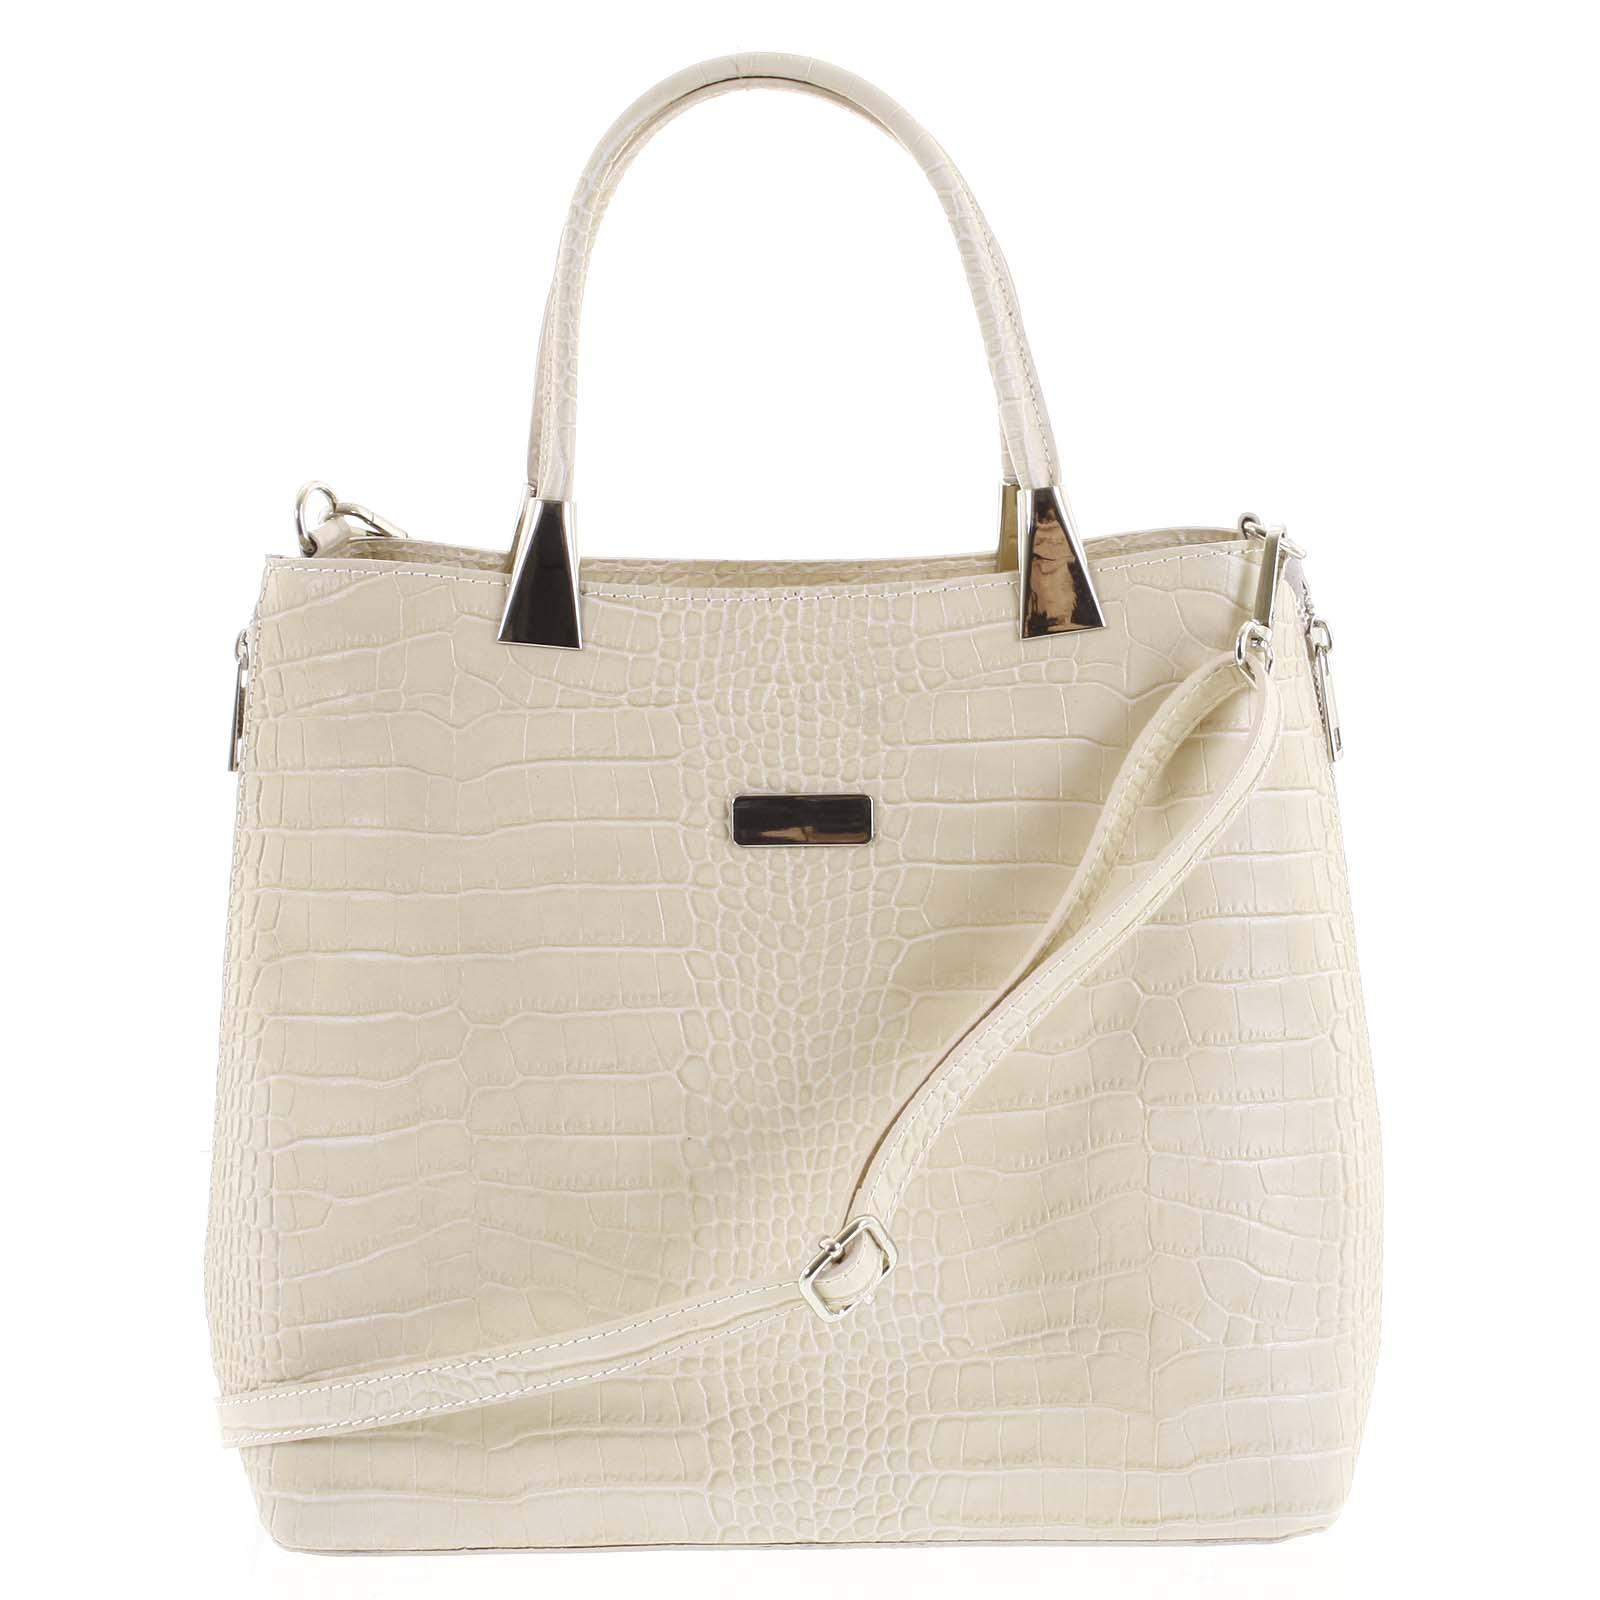 Luxusní dámská kožená kabelka béžová - ItalY Marion béžová